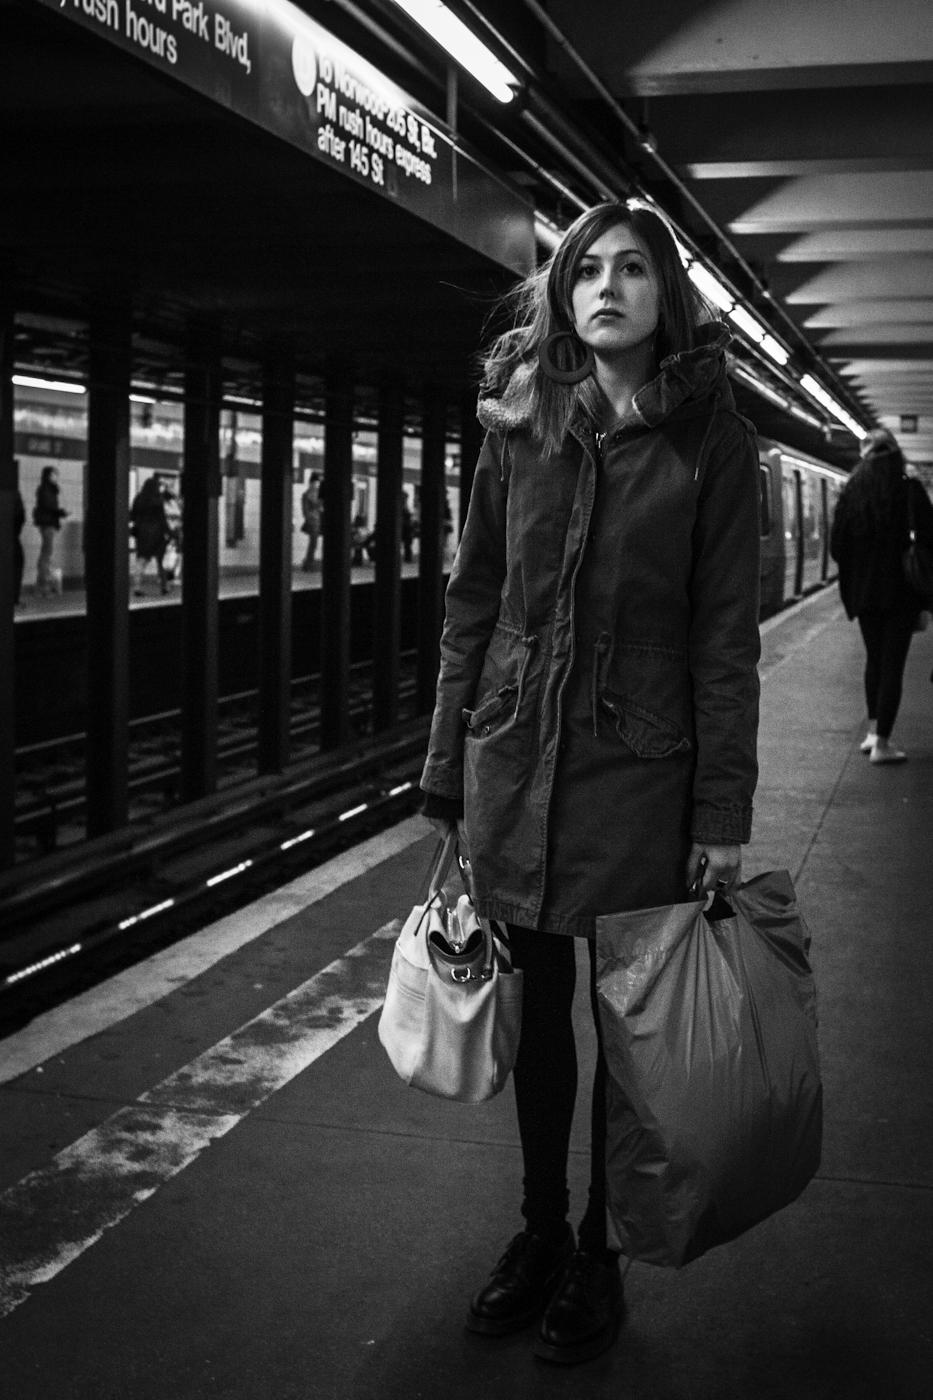 Subways-43.jpg